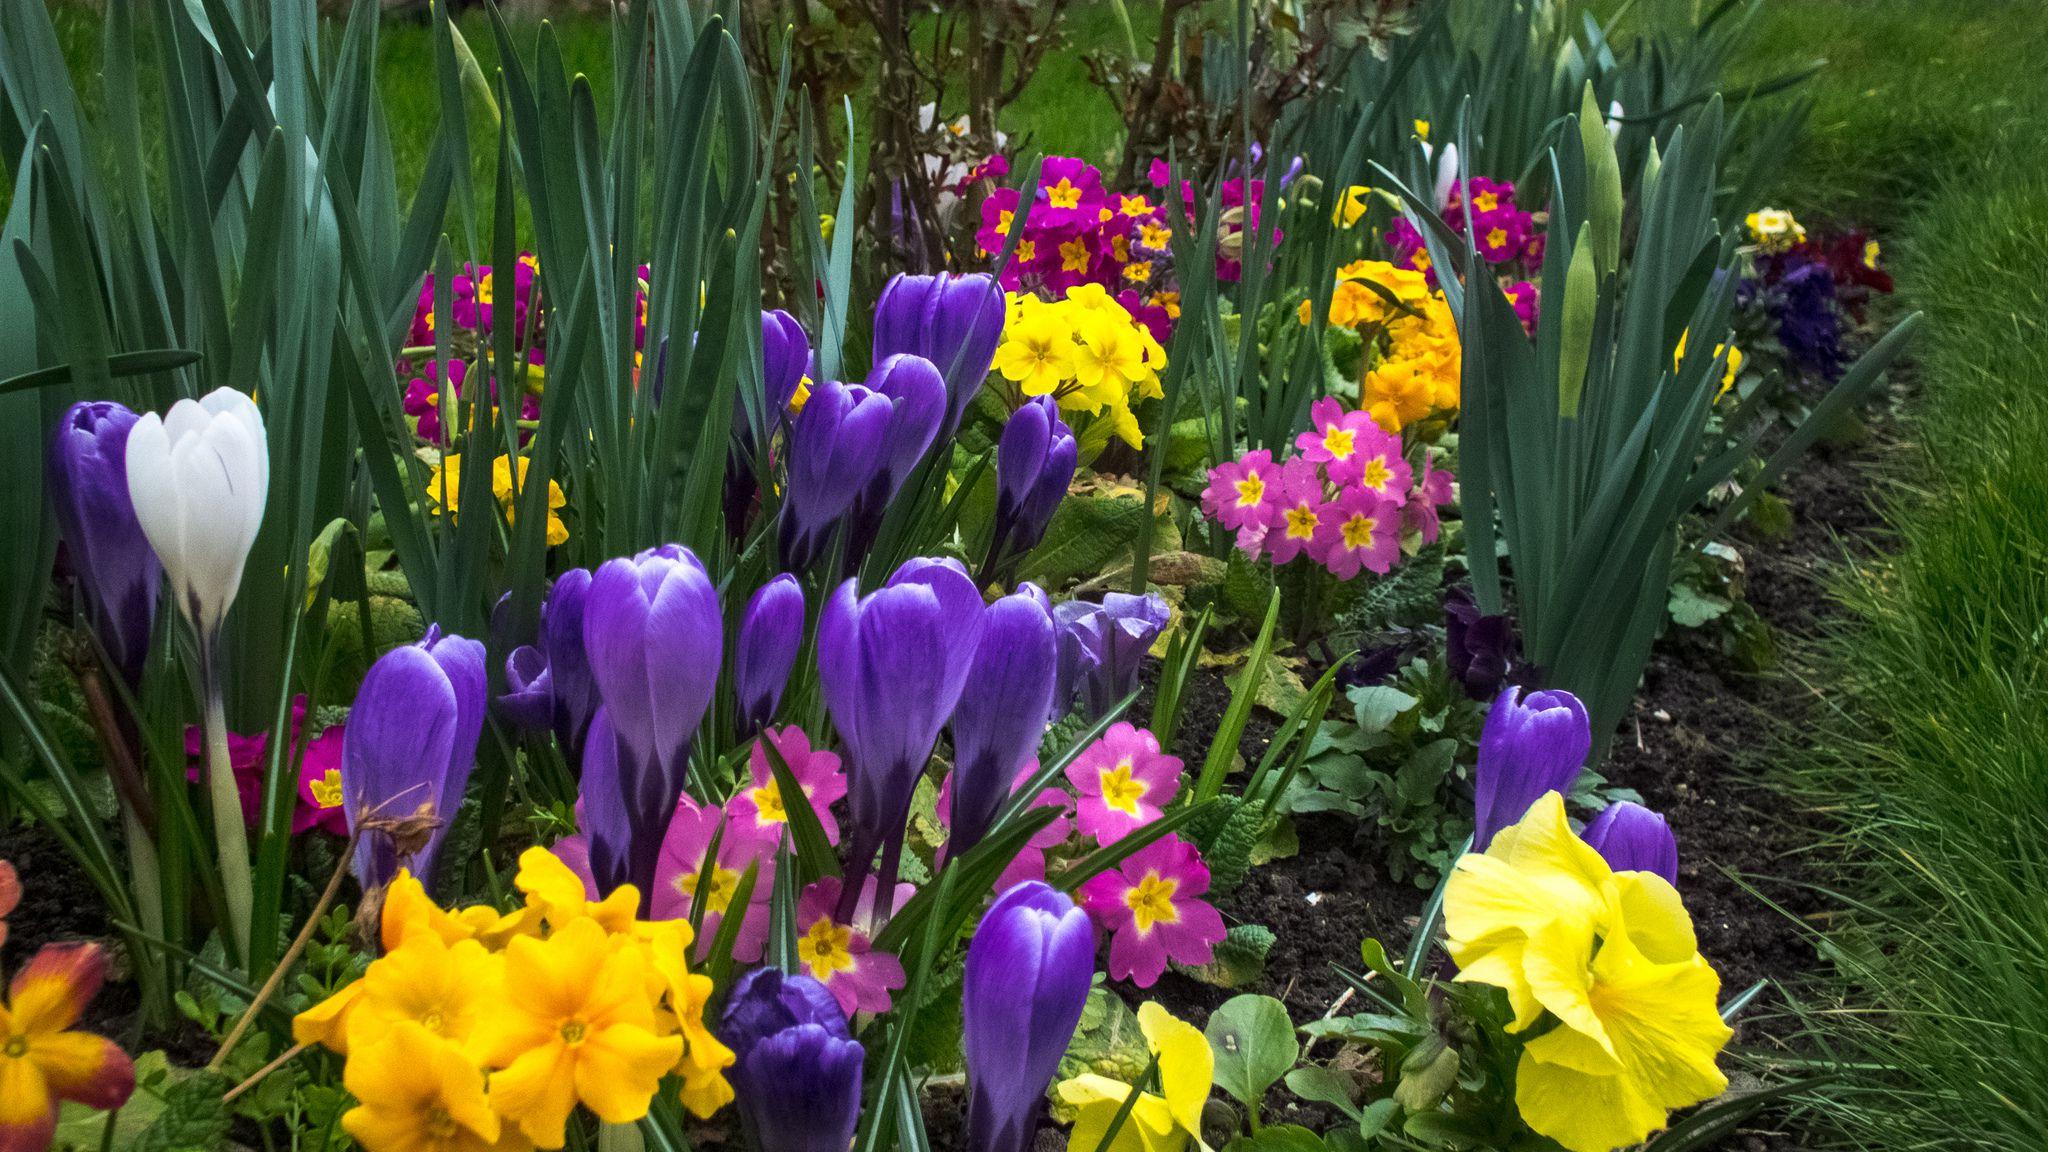 6 Tips For A Better Spring Flower Garden